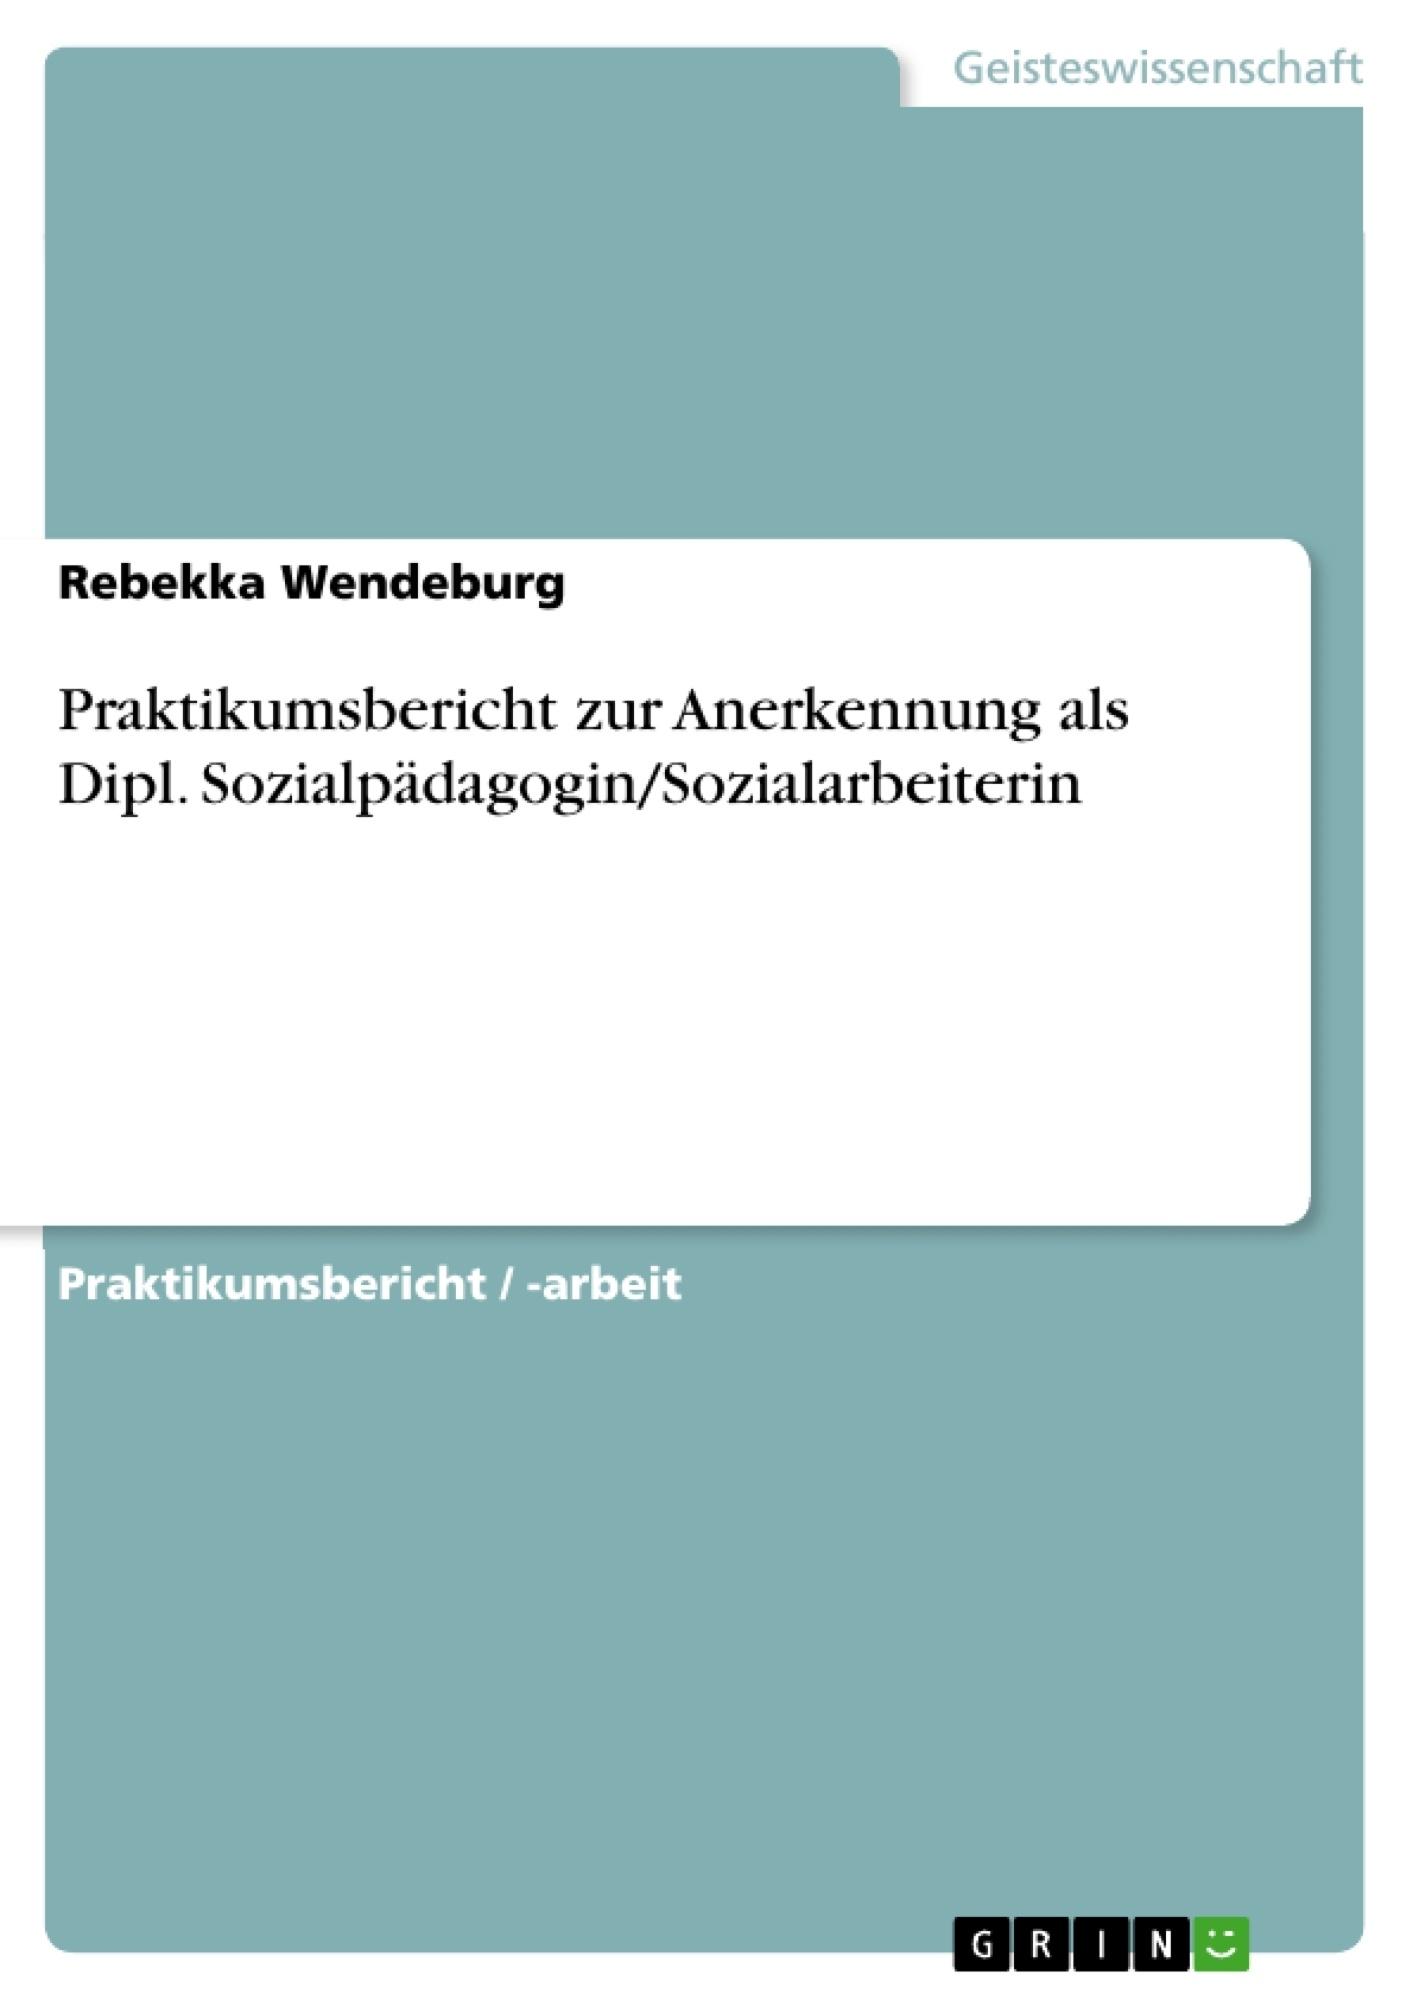 Titel: Praktikumsbericht zur Anerkennung als Dipl. Sozialpädagogin/Sozialarbeiterin